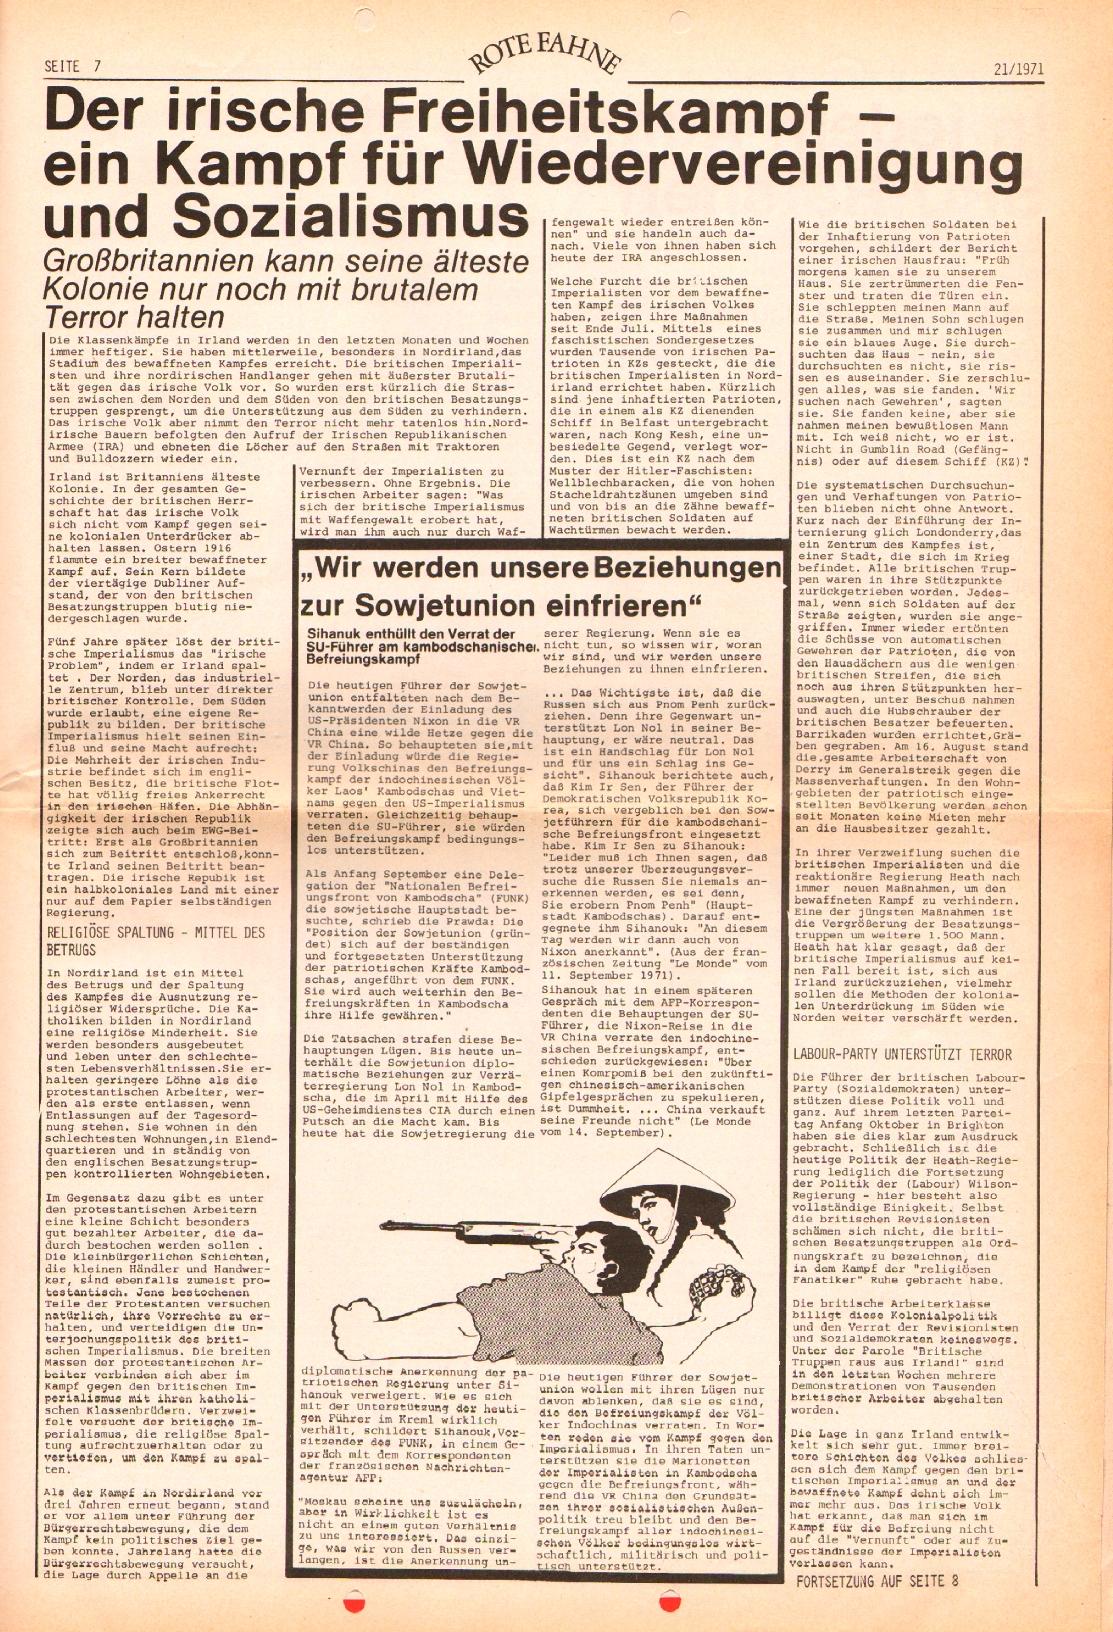 Rote Fahne, 2. Jg., 25.10.1971, Nr. 21, Seite 7